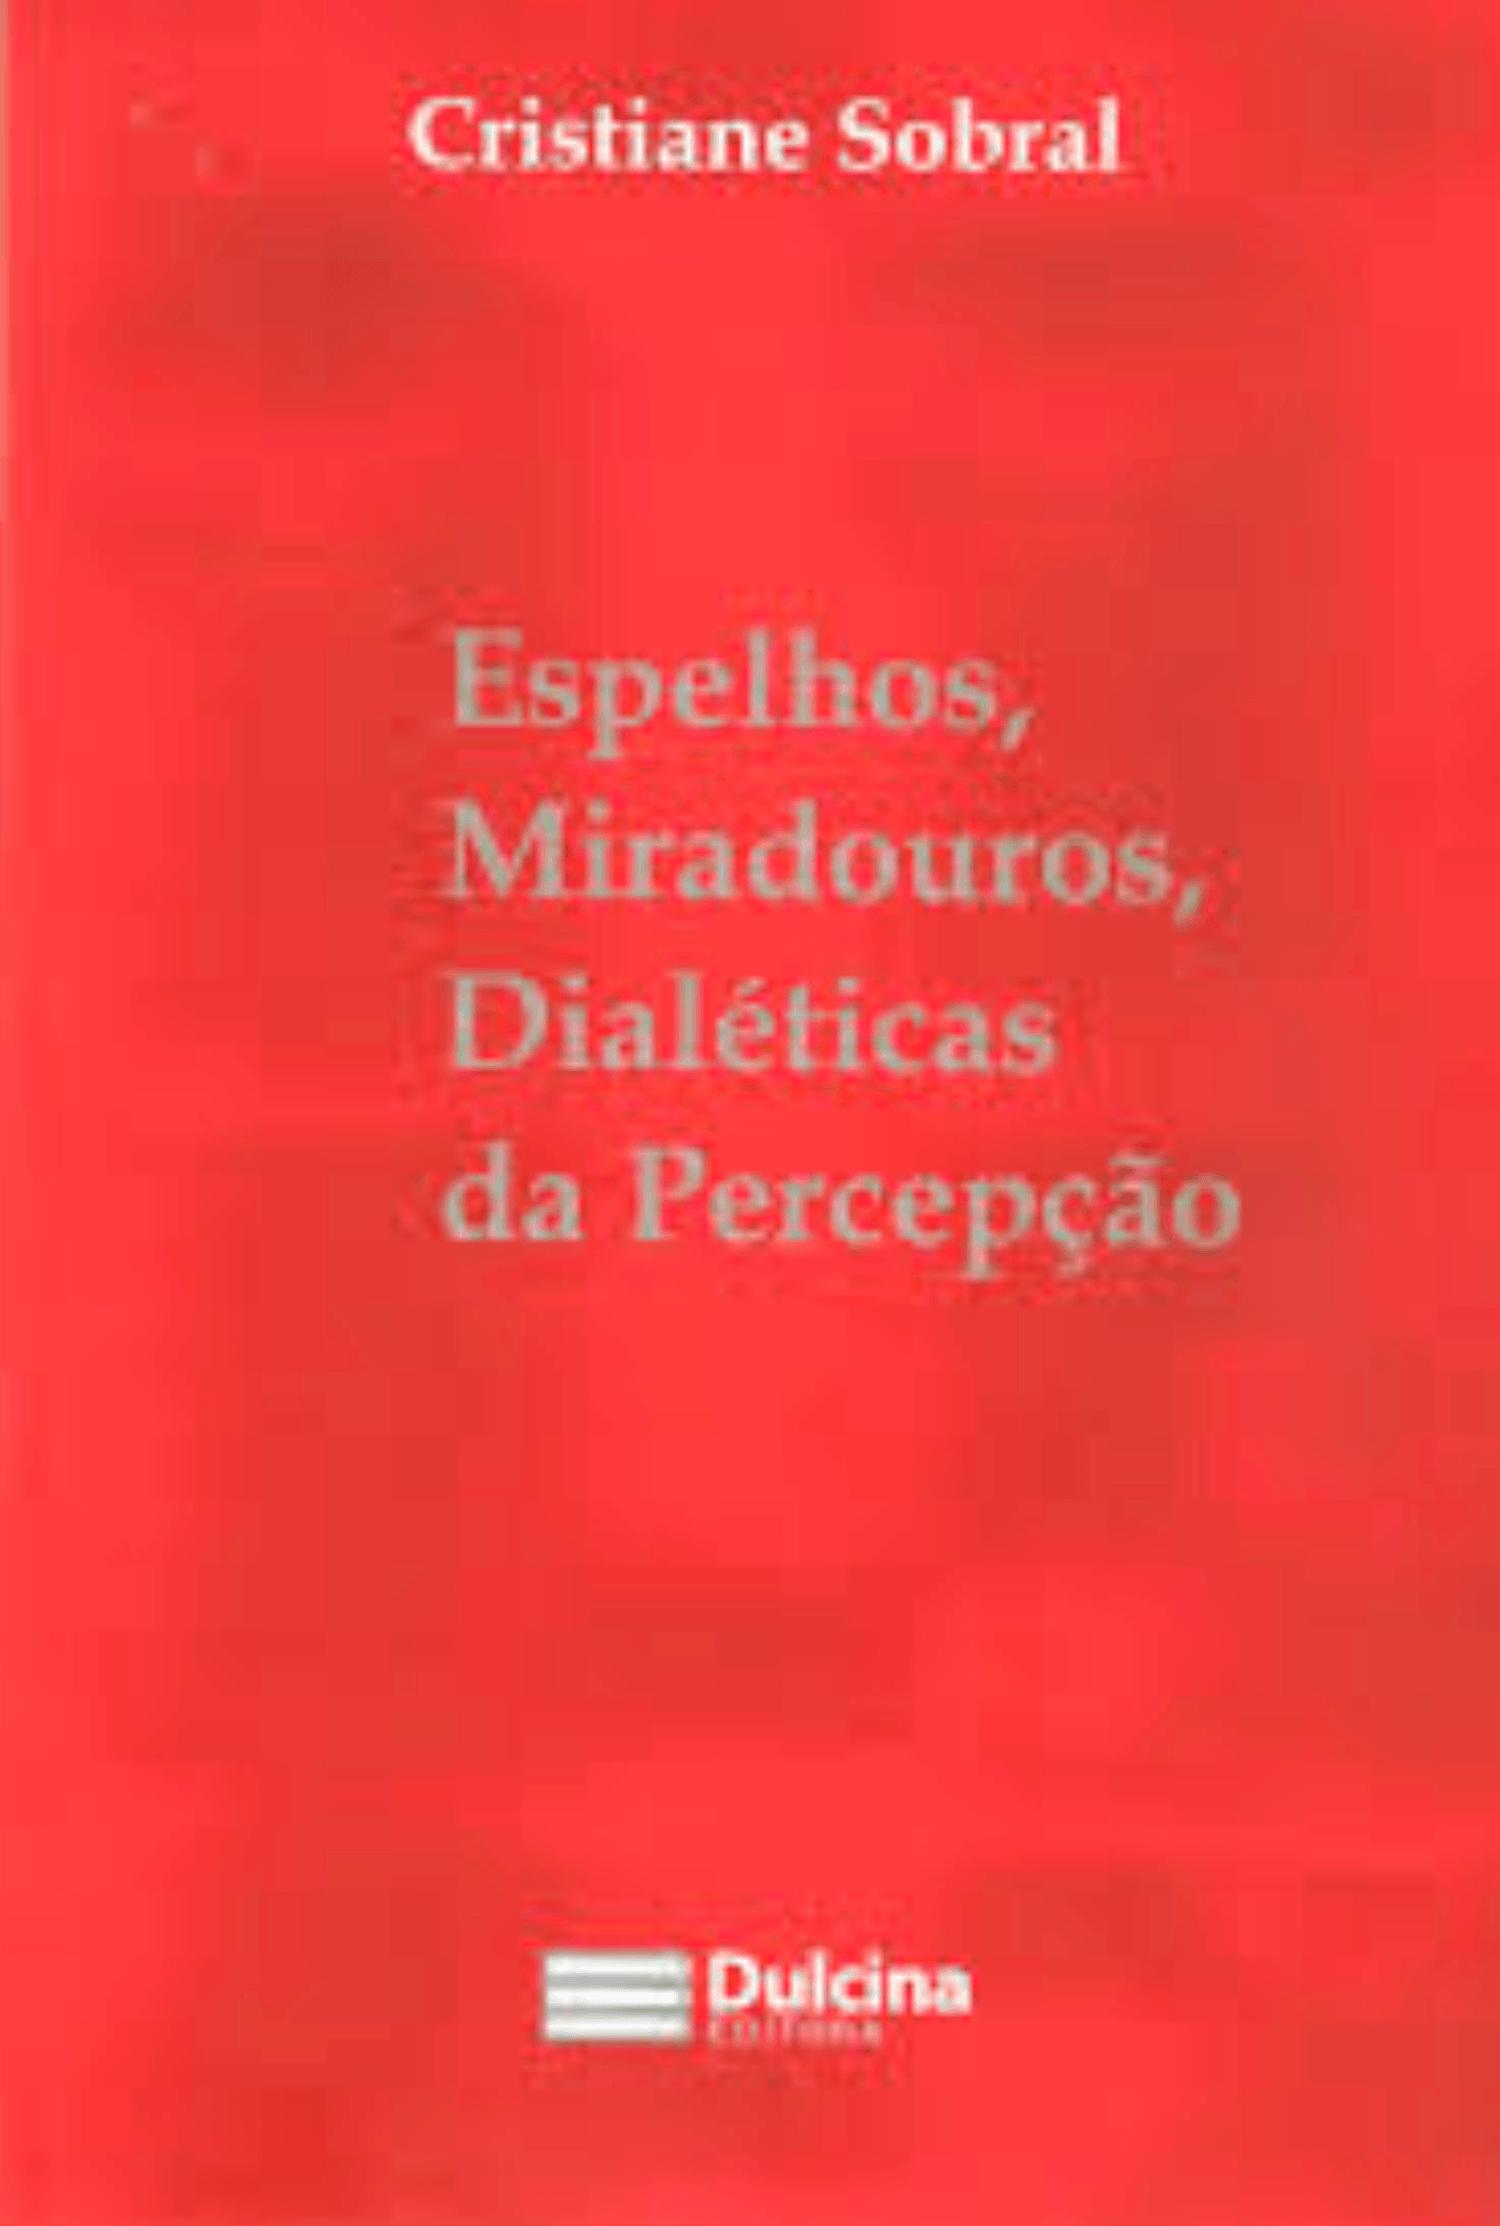 Espelhos, miradouros, dialéticas da percepção